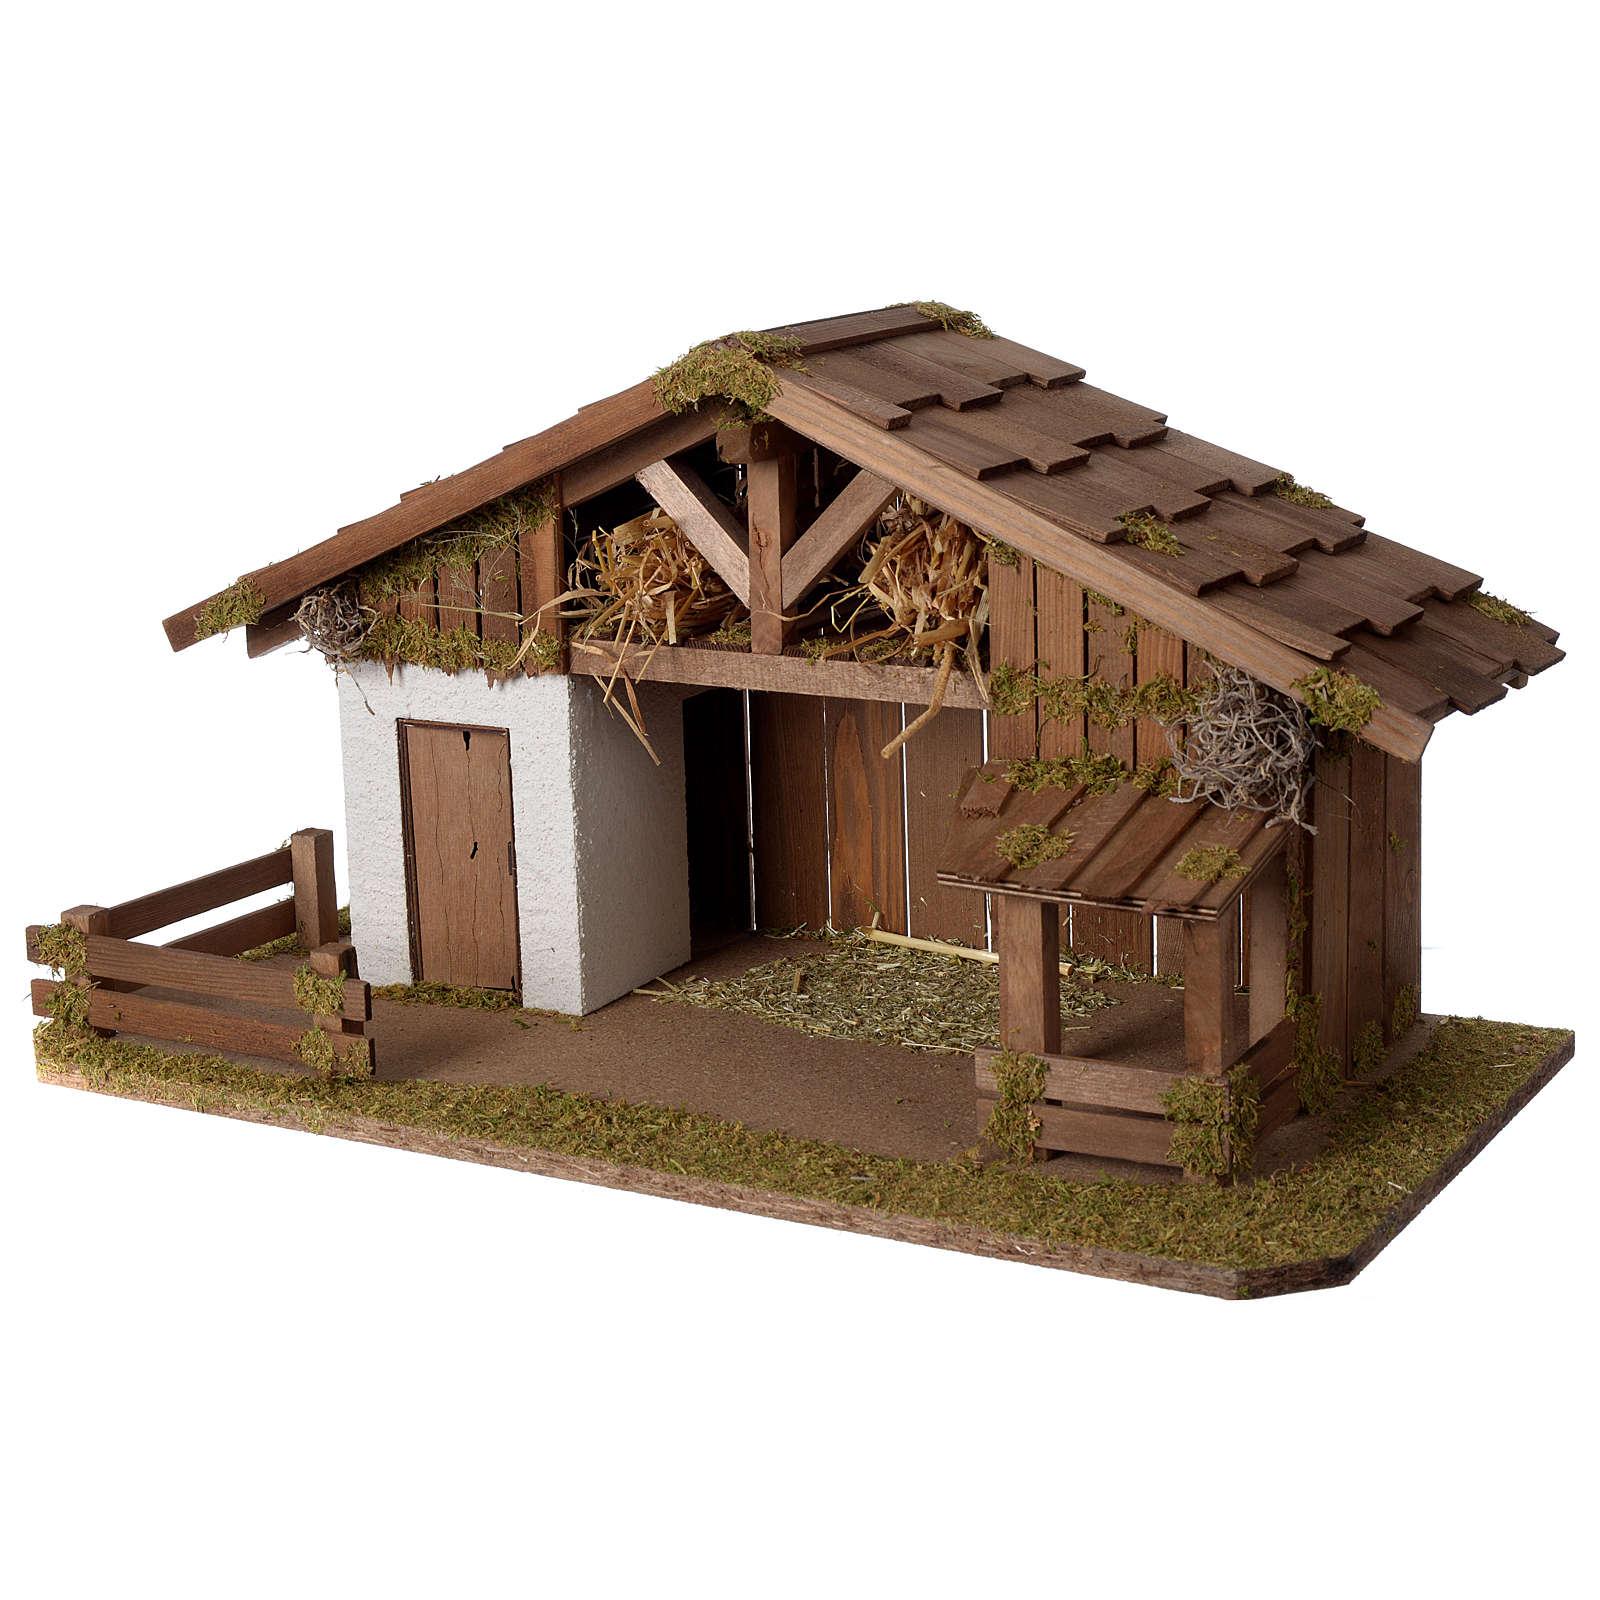 Casolare Presepe in legno artigianale modello nordico 30x60x30cm per statuine 10-12 cm 4